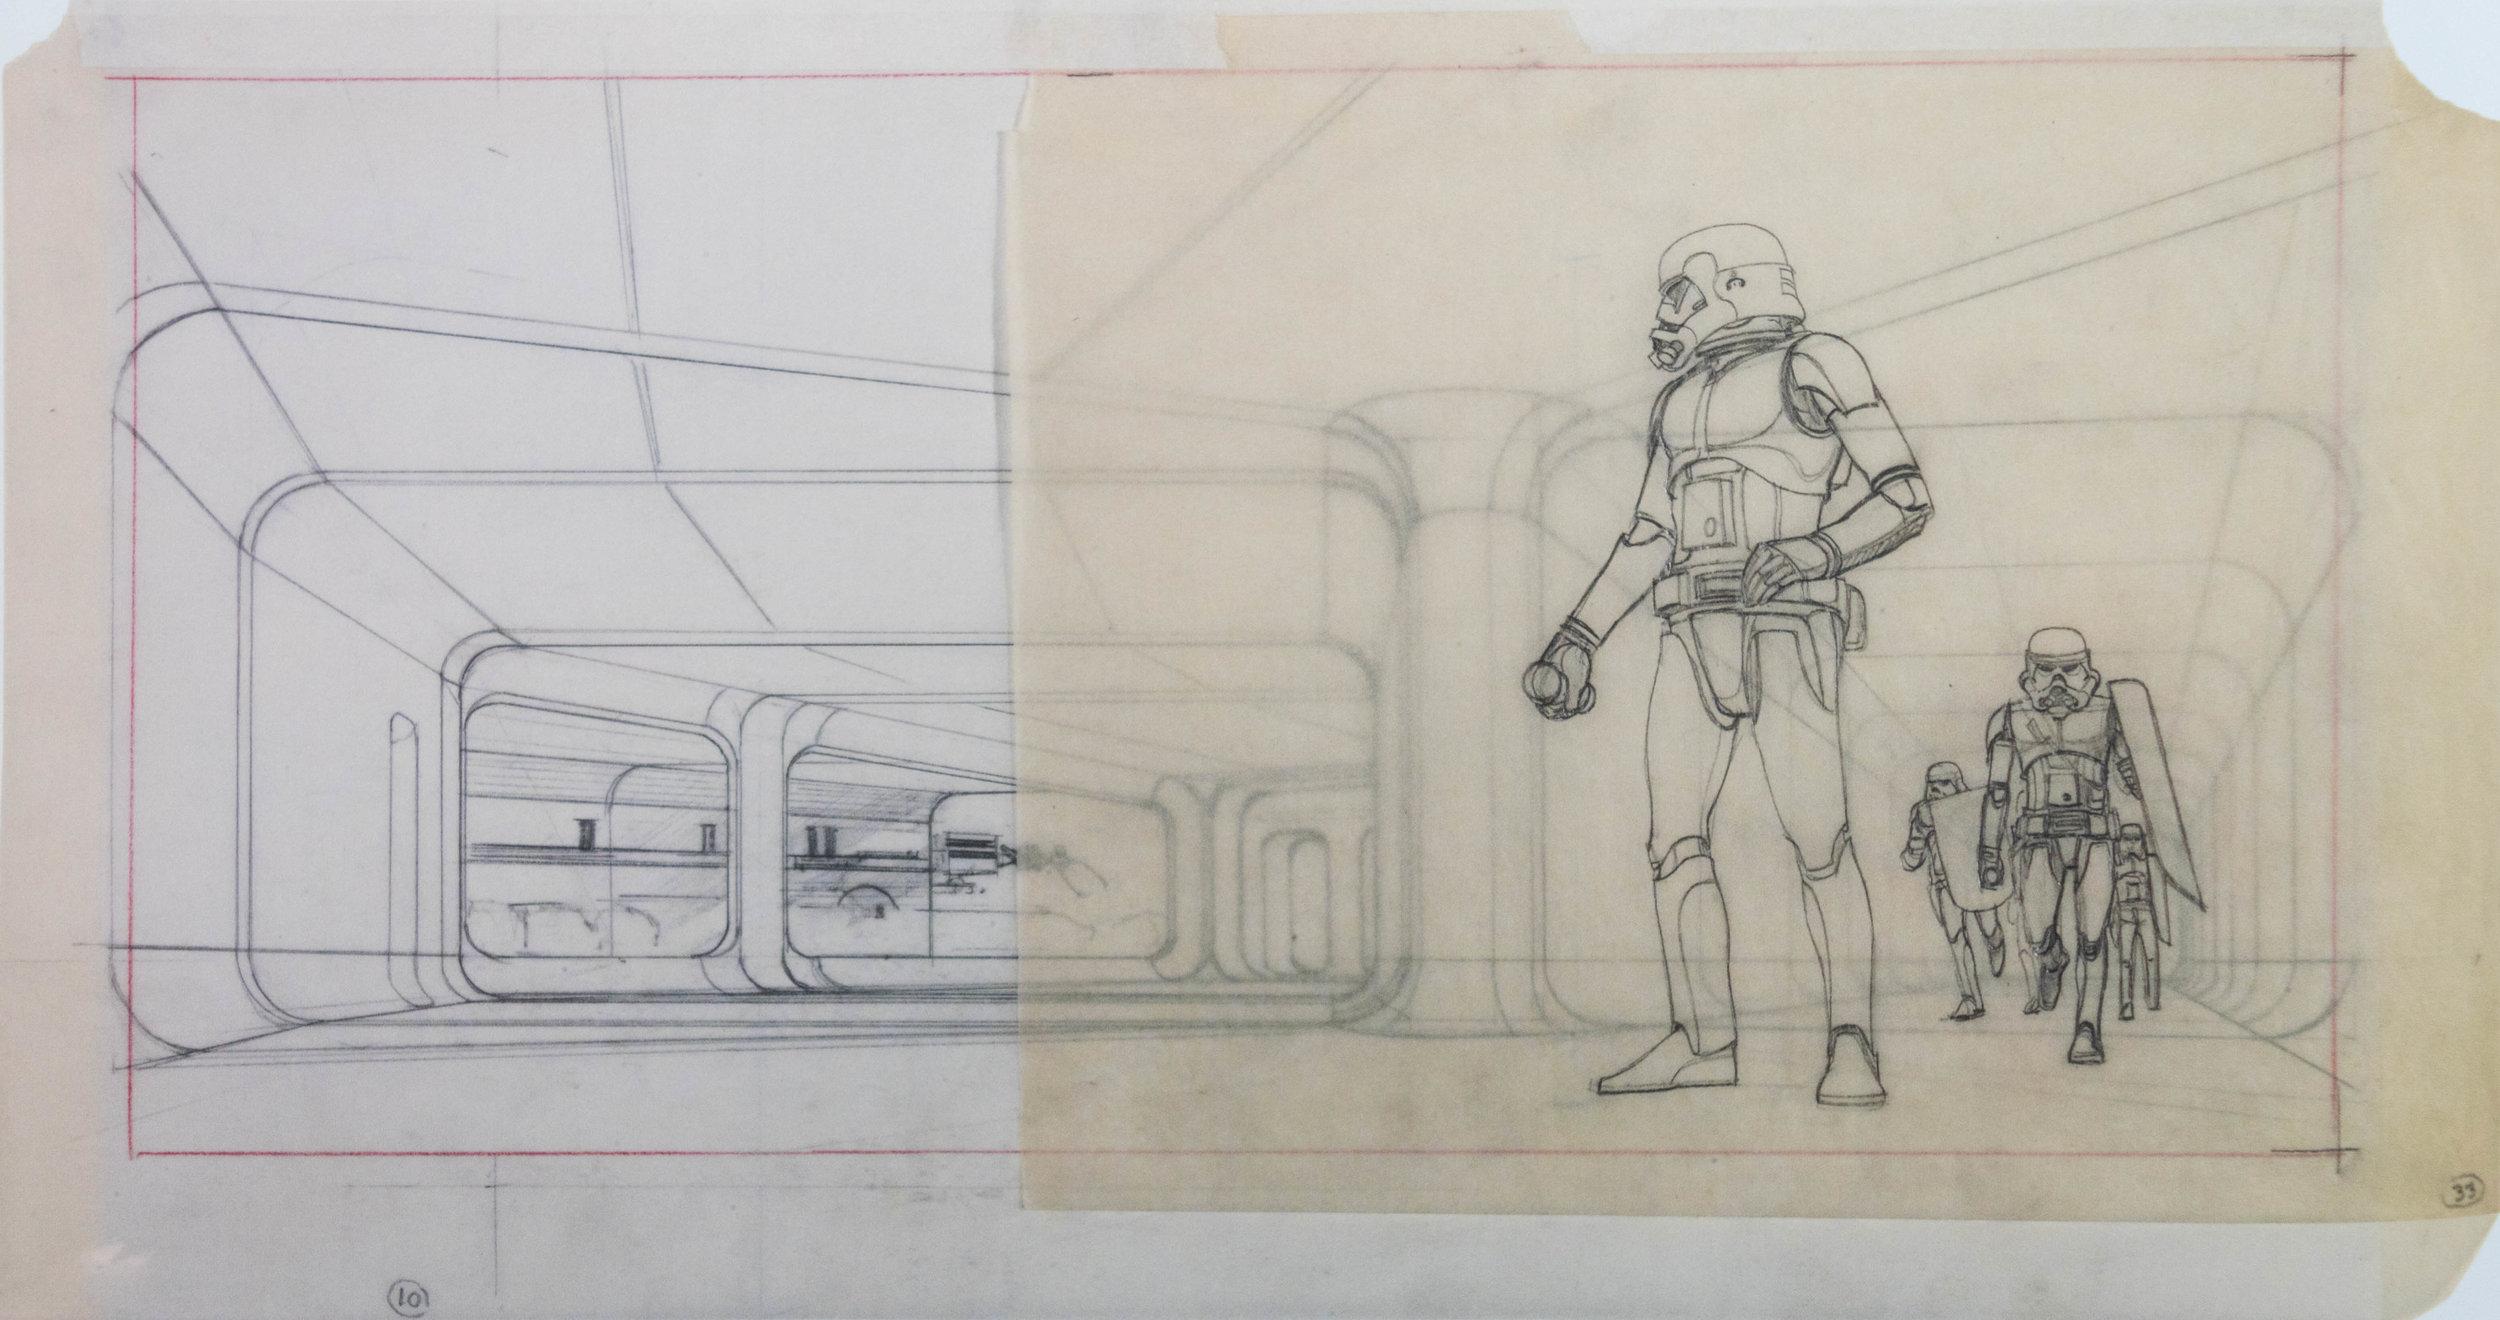 McQuarrie's preliminary sketch.